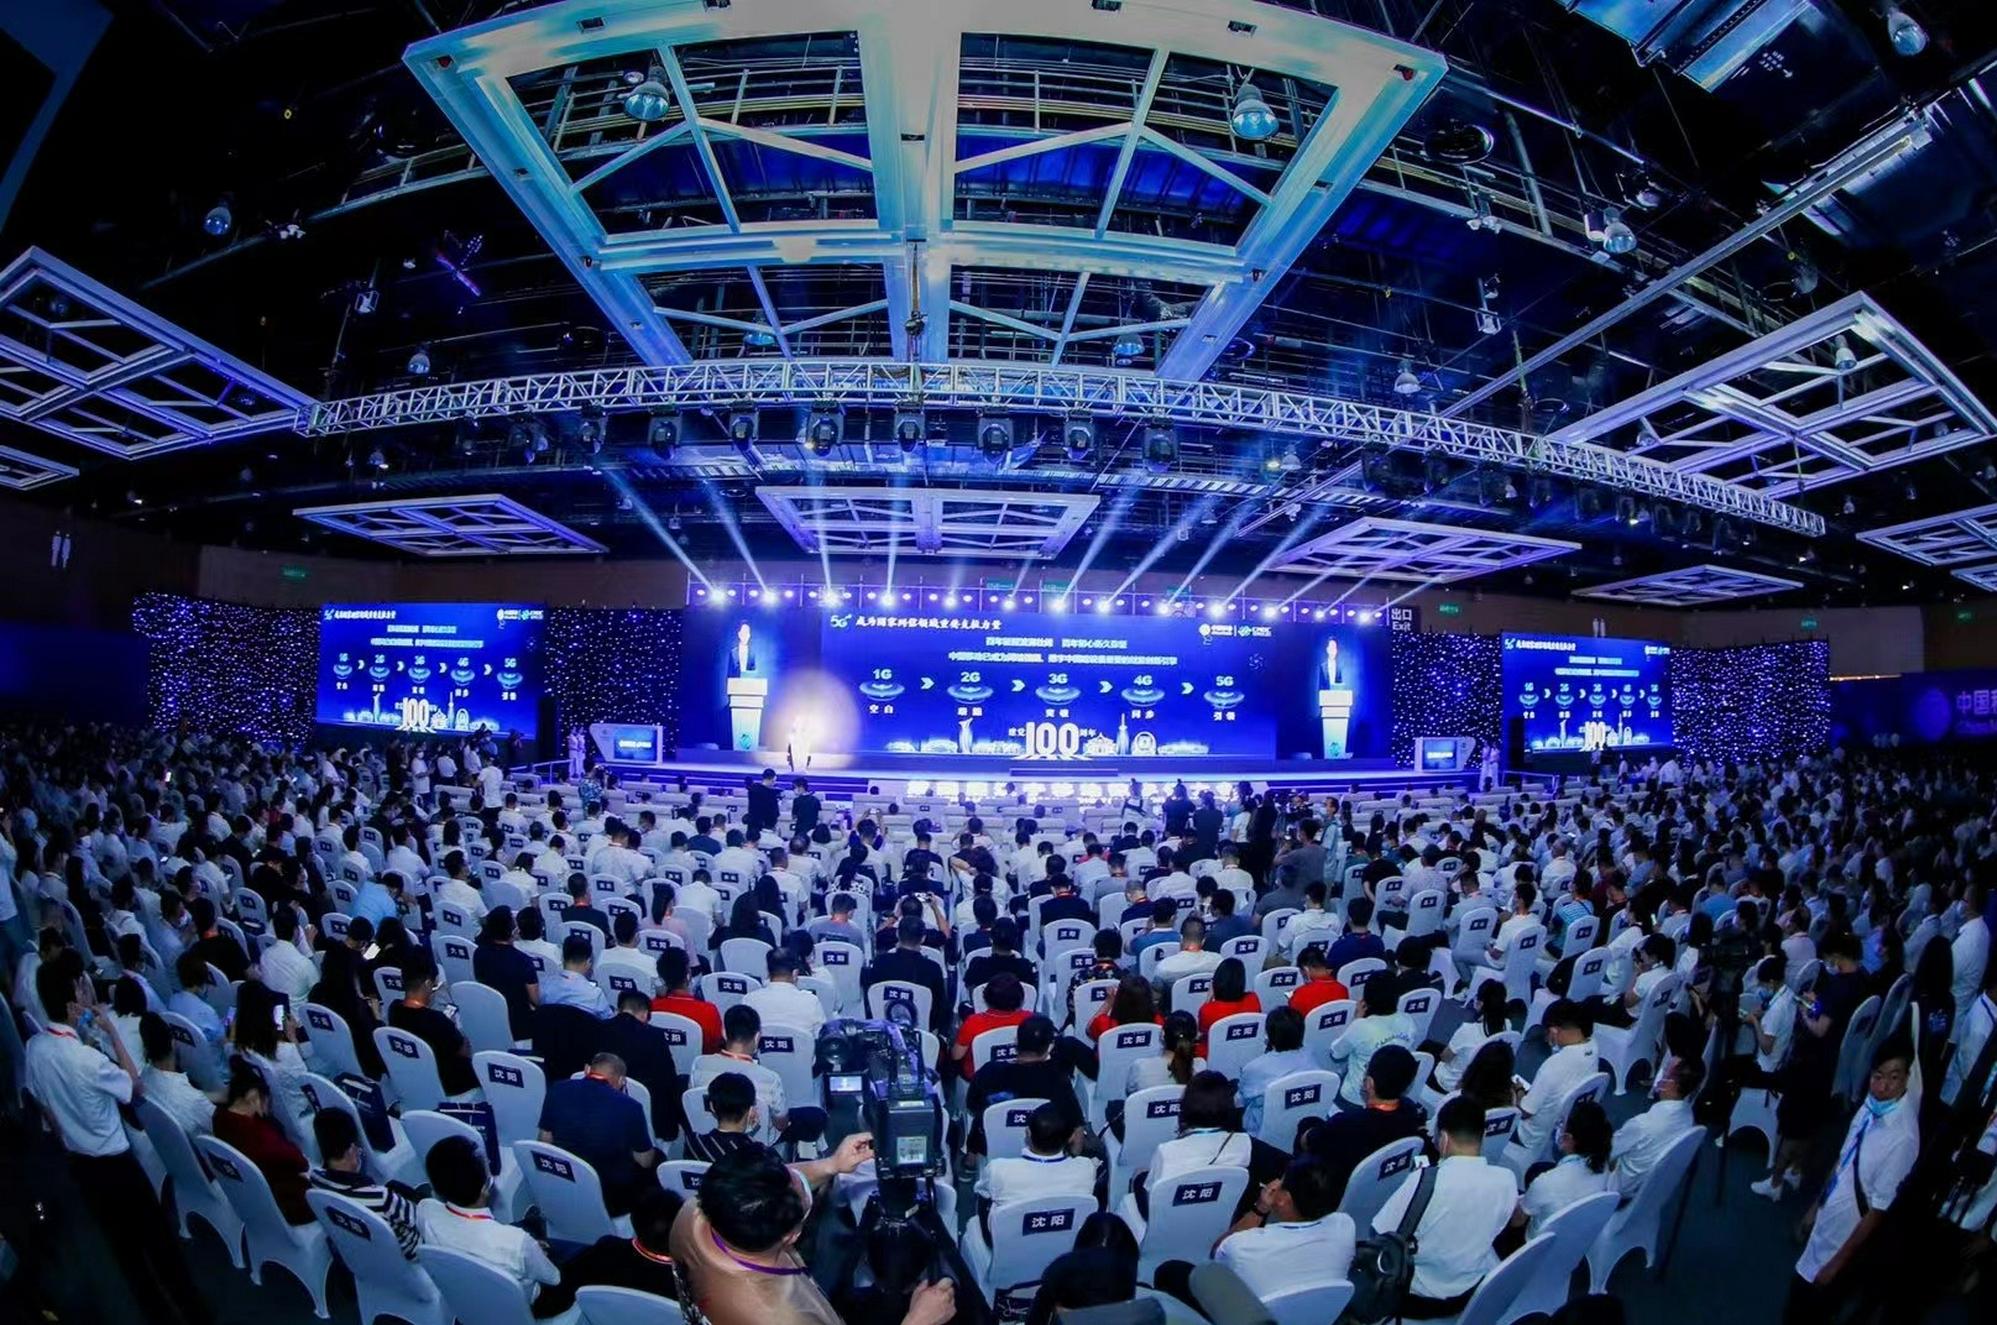 第四届辽宁移动数字化大会盛大开幕!